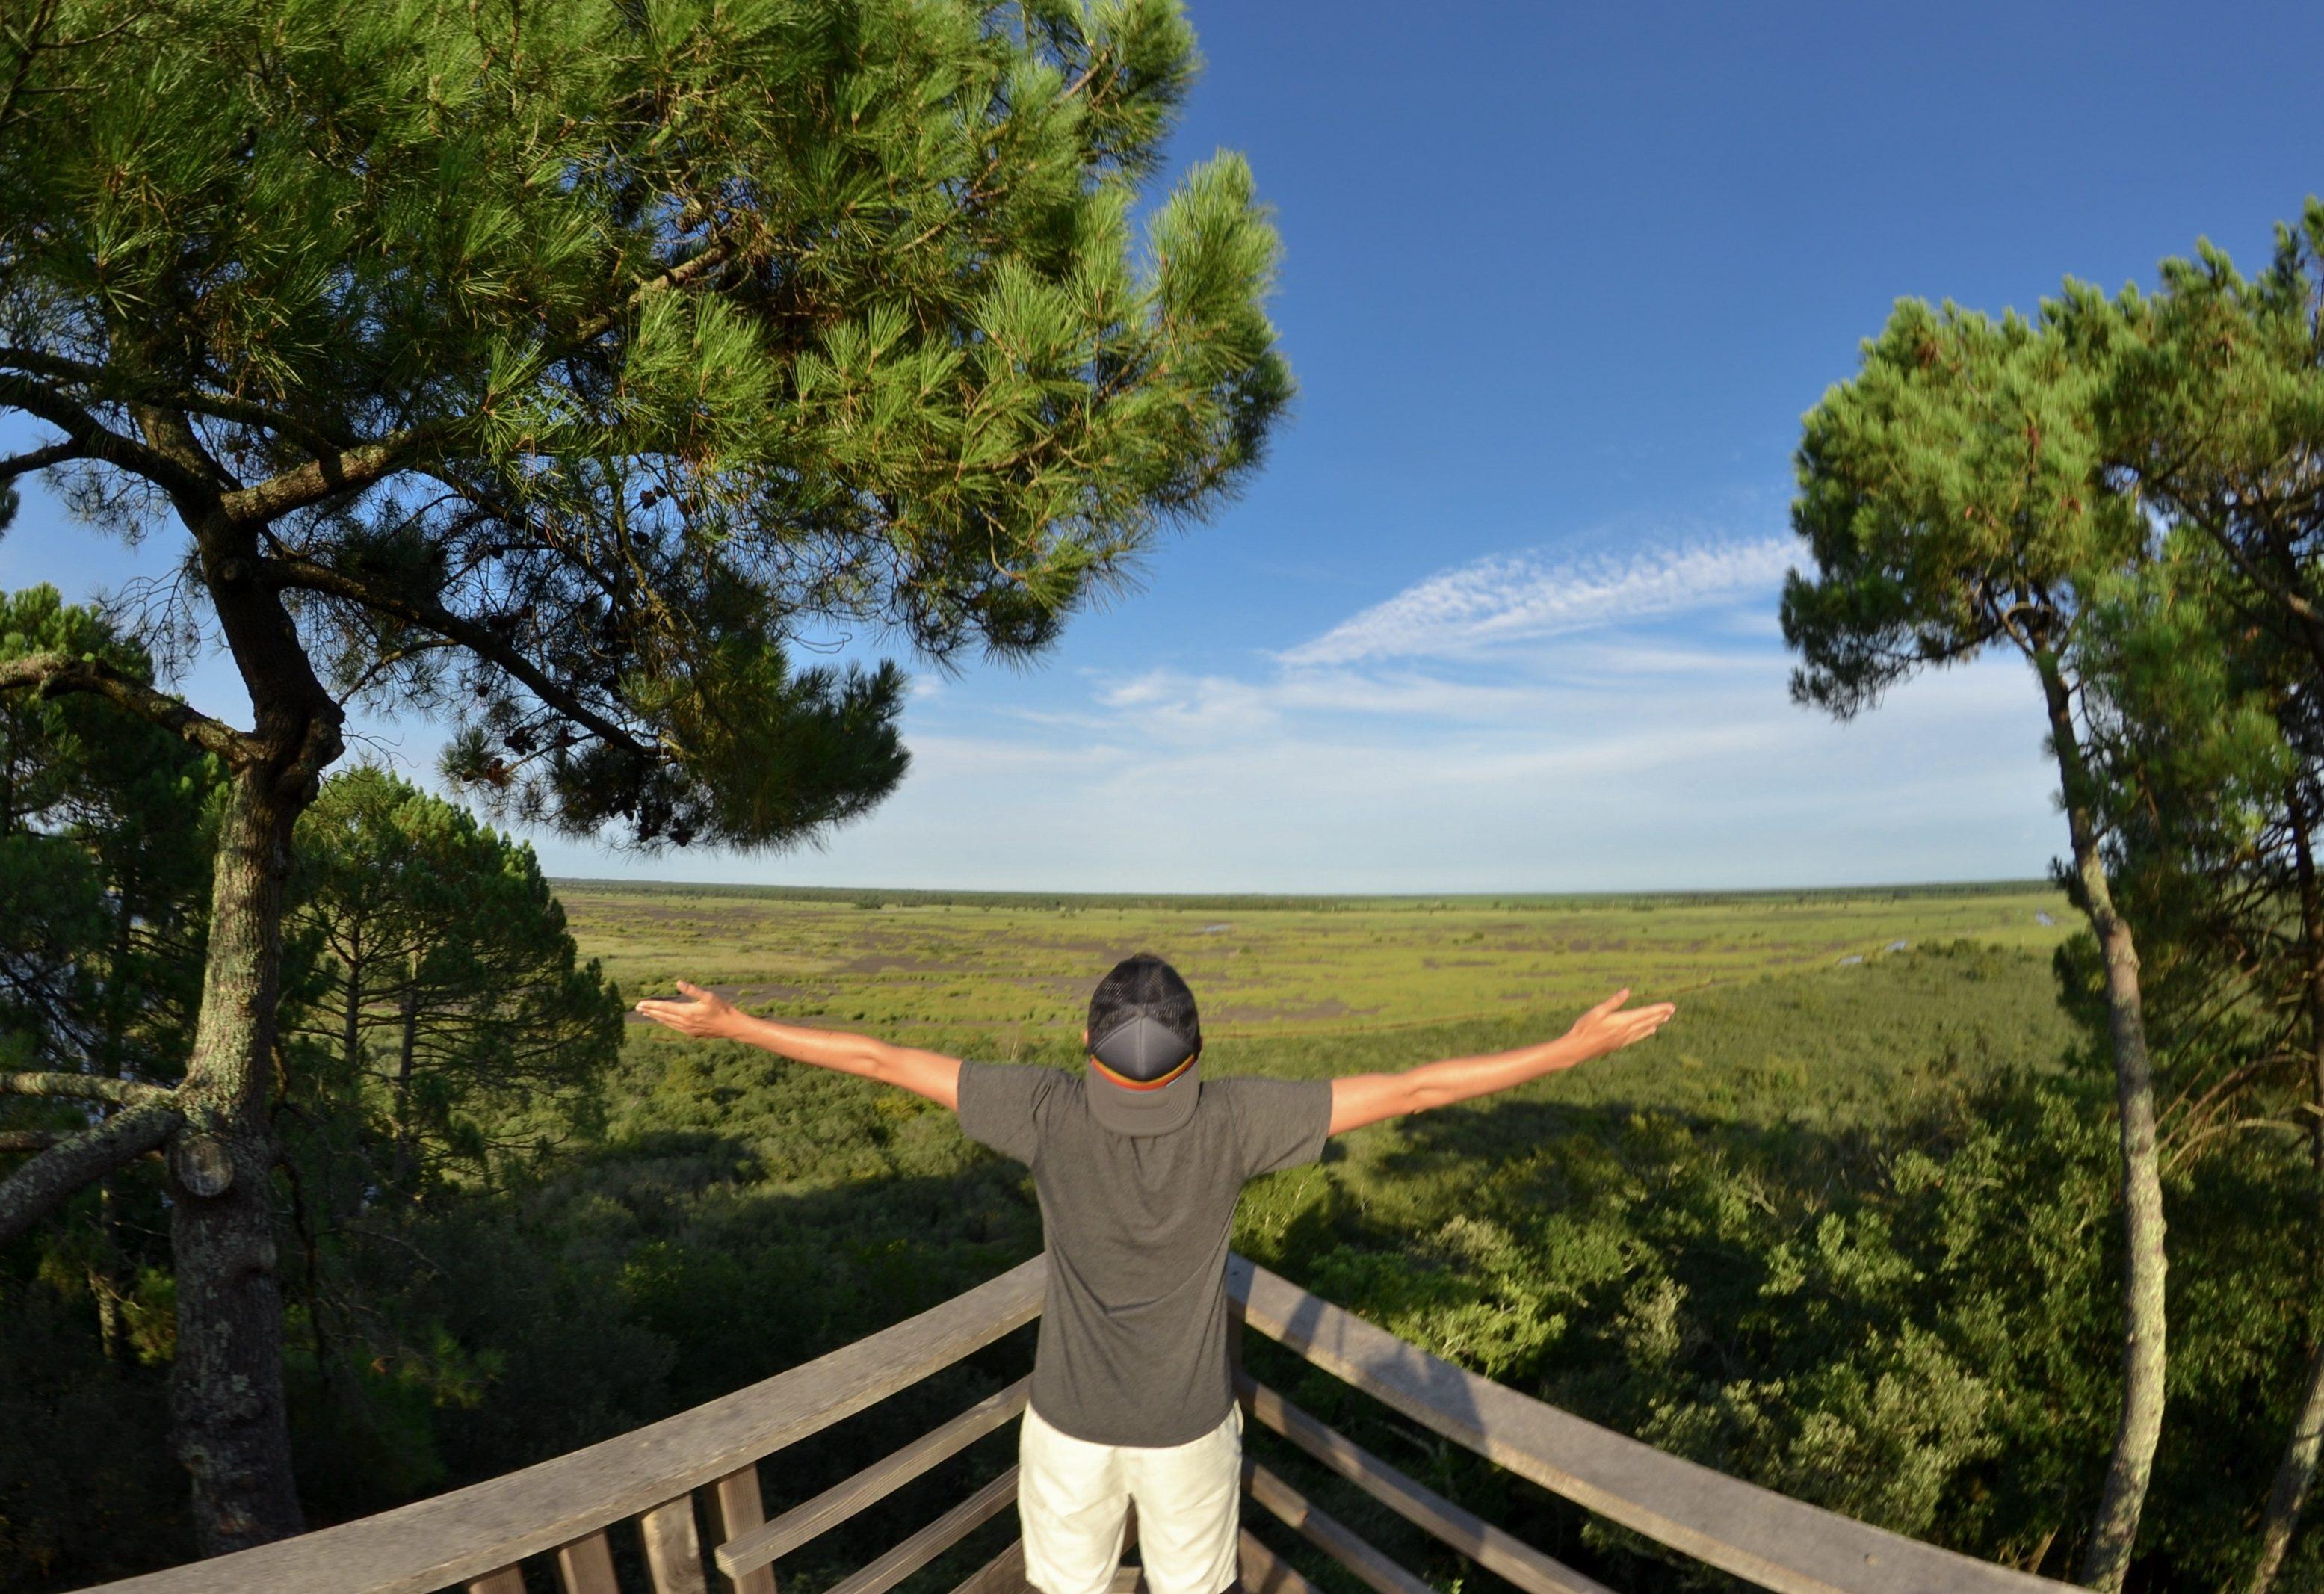 etang-de-cousseau-reserve-naturelle-etang-de-cousseau-randonnee-nature-balade-carcans-lacanau-verdure-foret-belvedere-les-ptits-touristes-blog-voyage